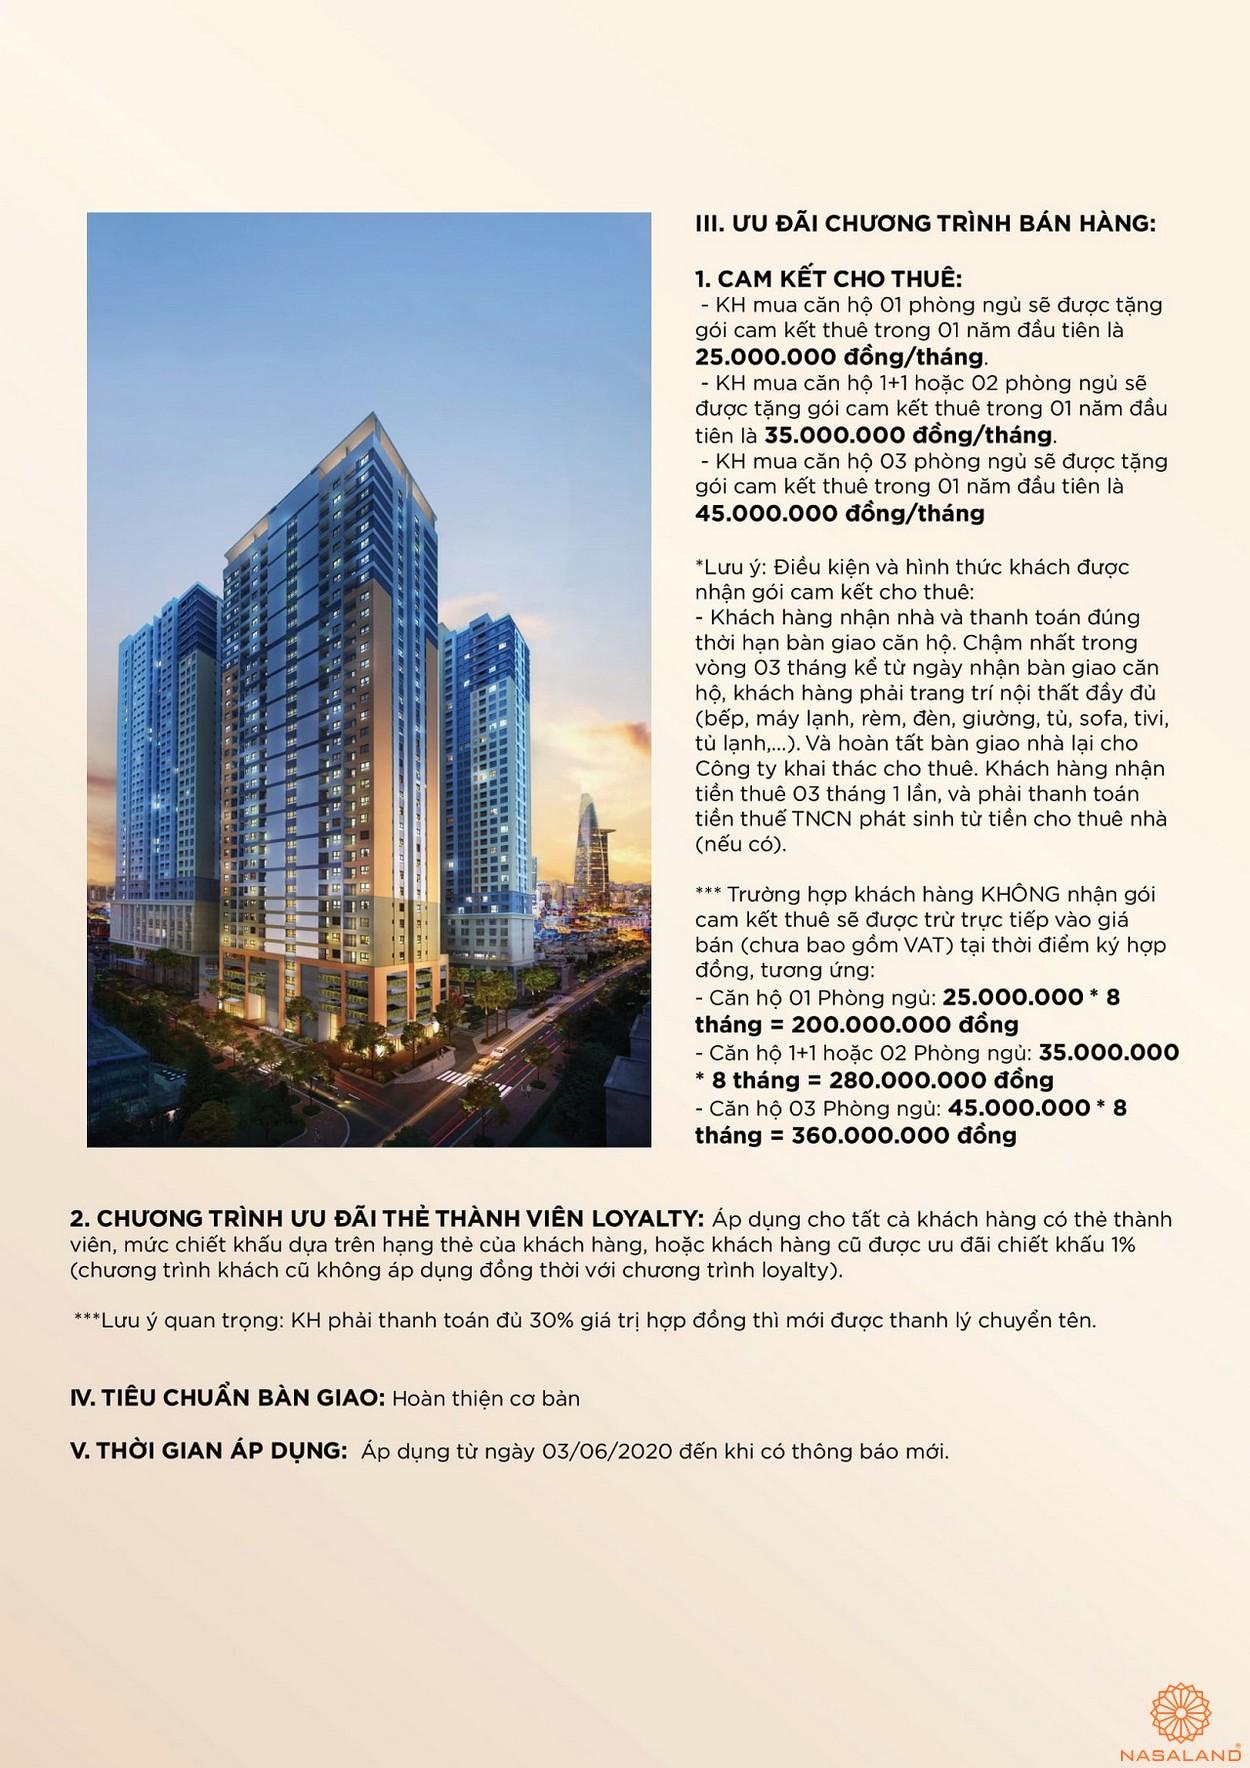 Phương thức thanh toán dự án căn hộ Soho Residences quận 1 chủ đầu tư Novaland